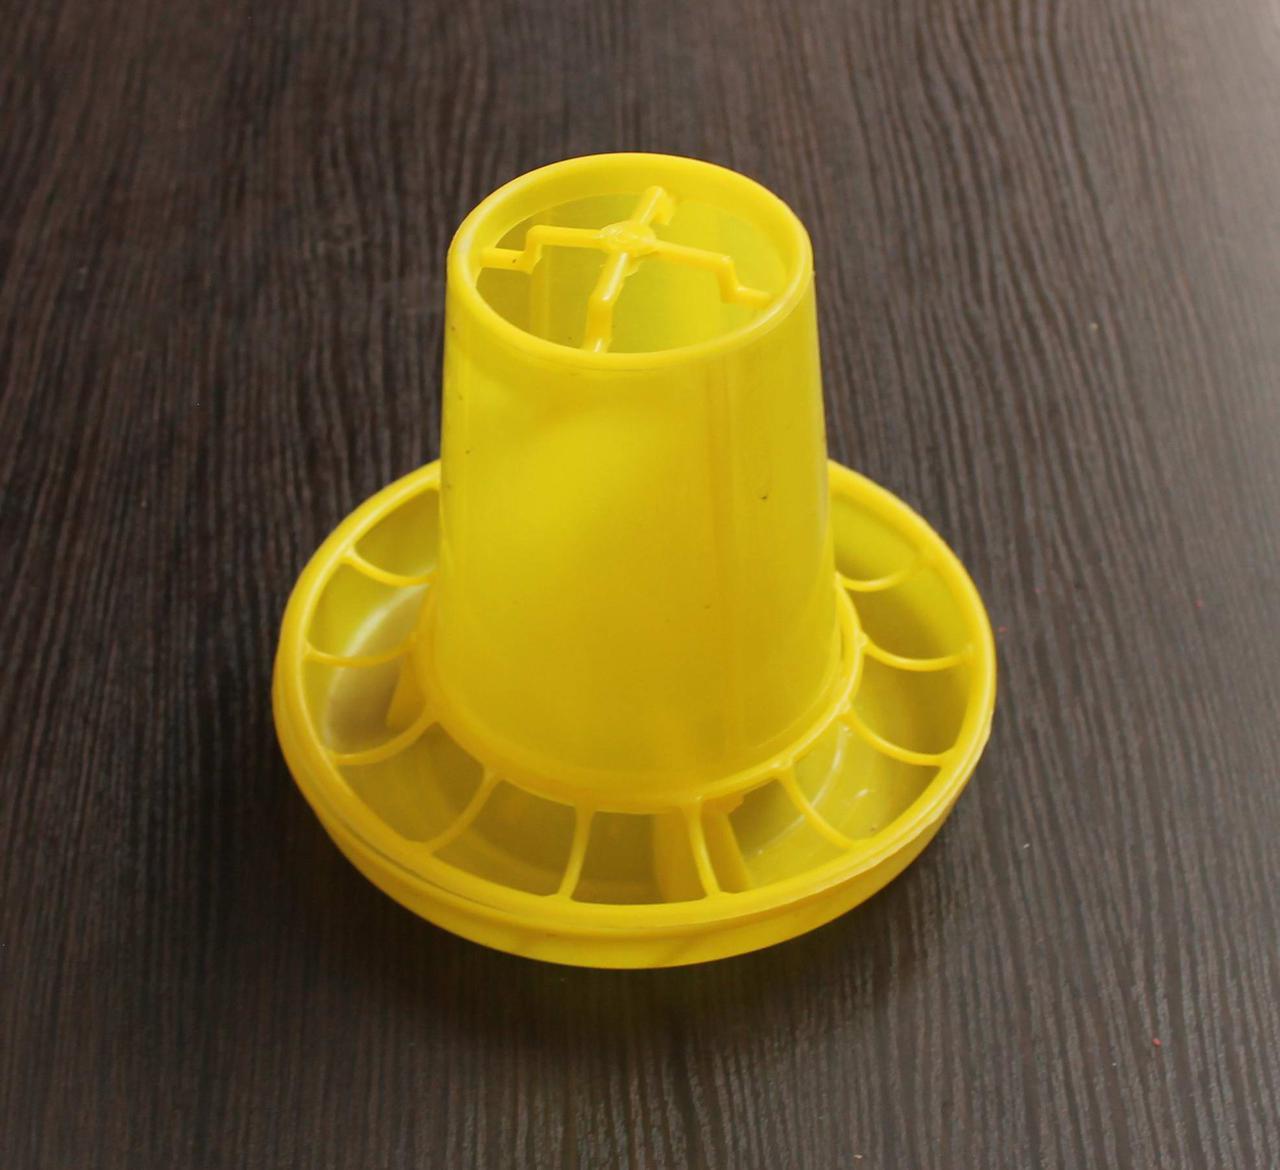 Кормушка для цыплят желтая объем 1 л